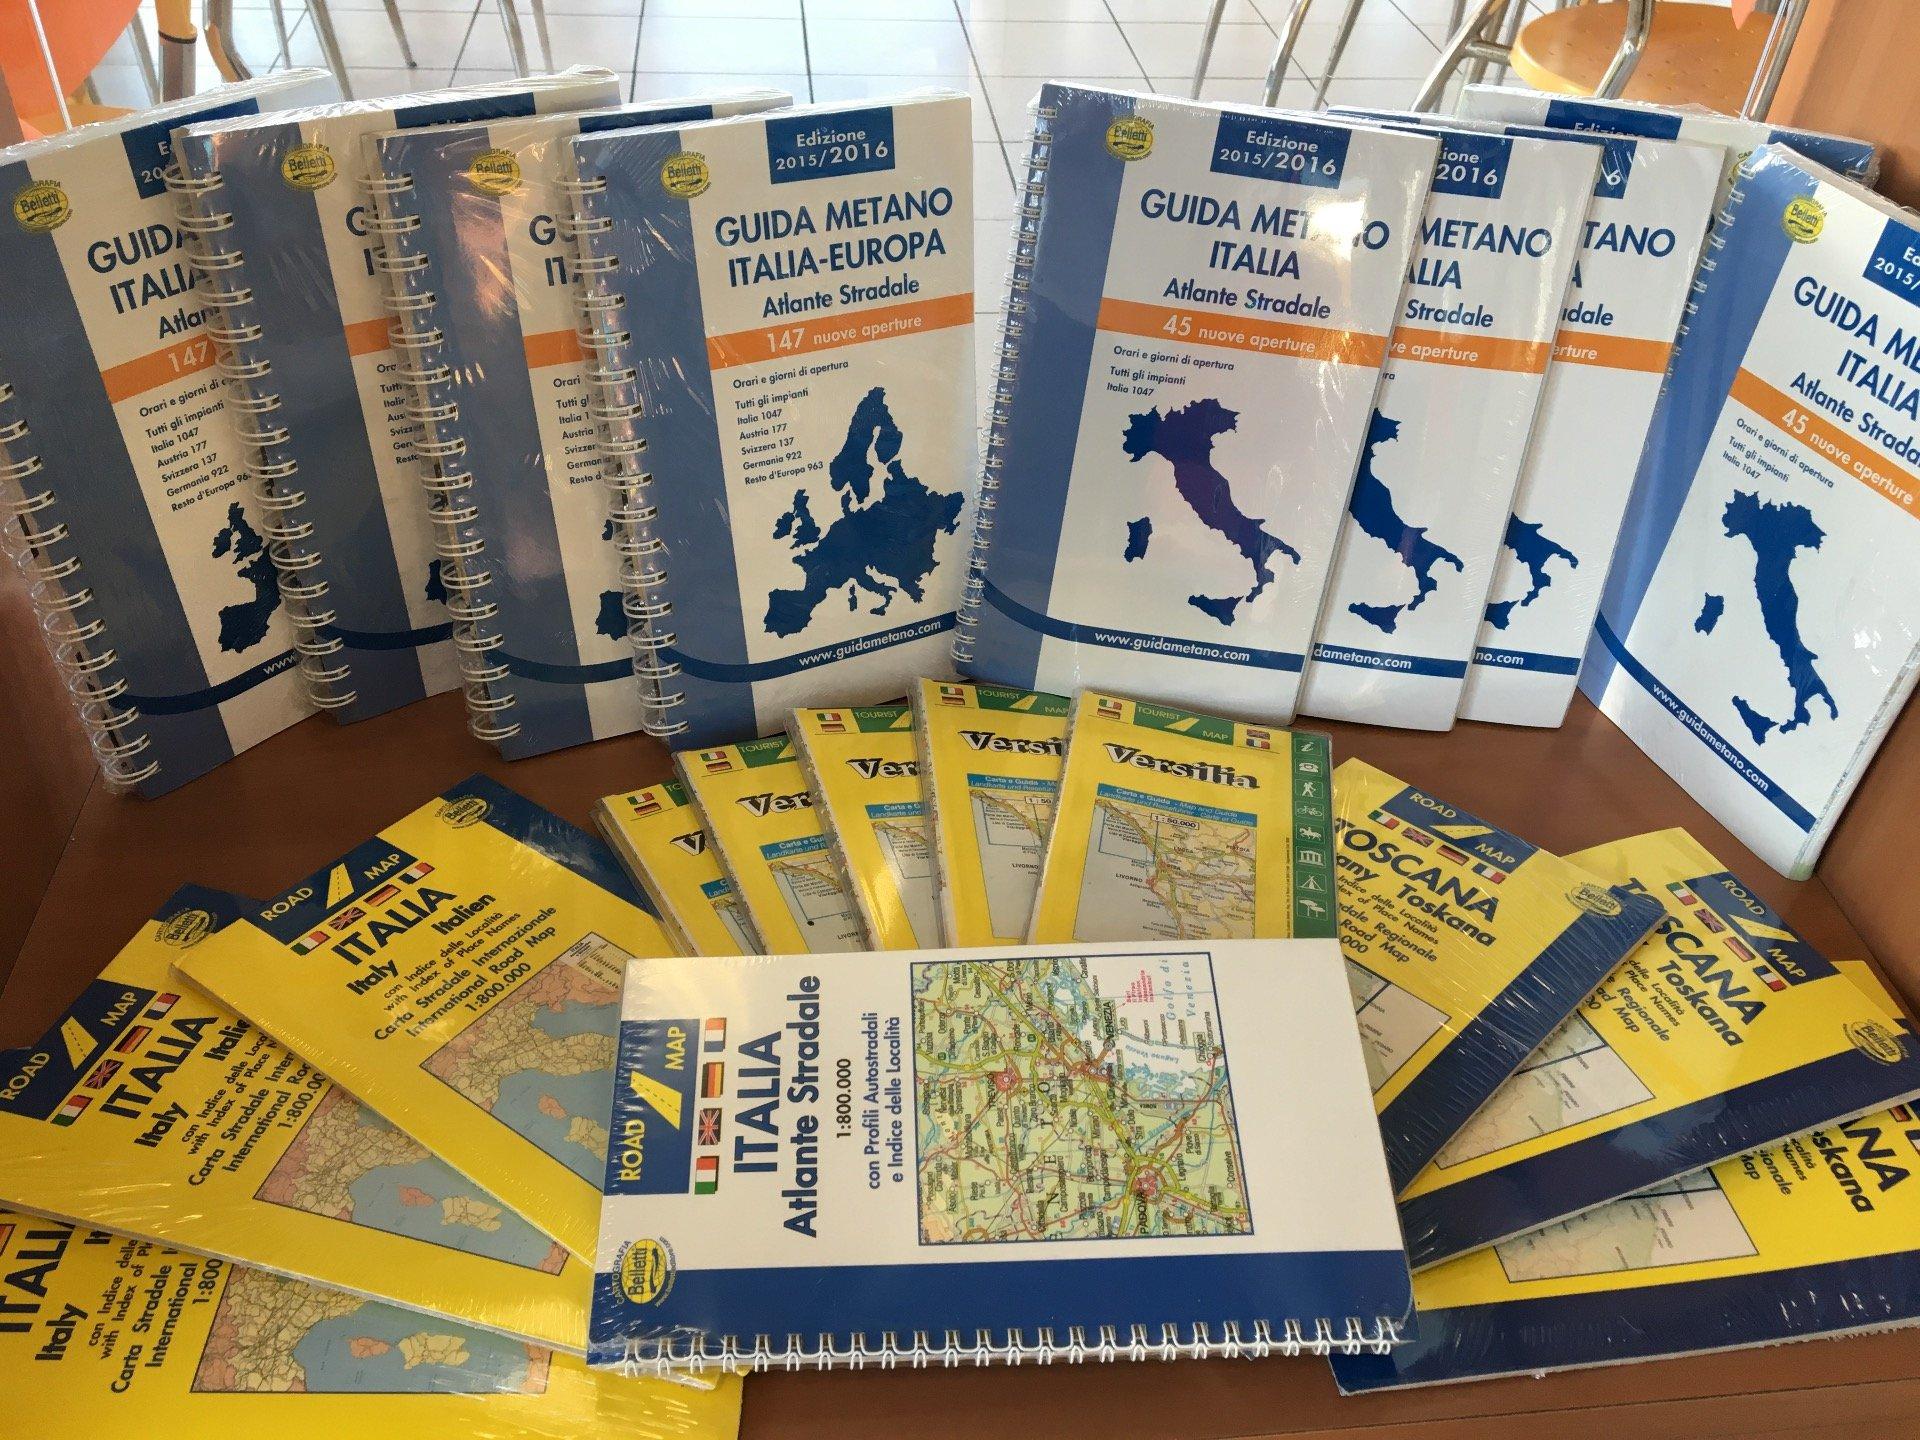 atlante stradale e assortimento guide per viaggiare in Italia ed Europa